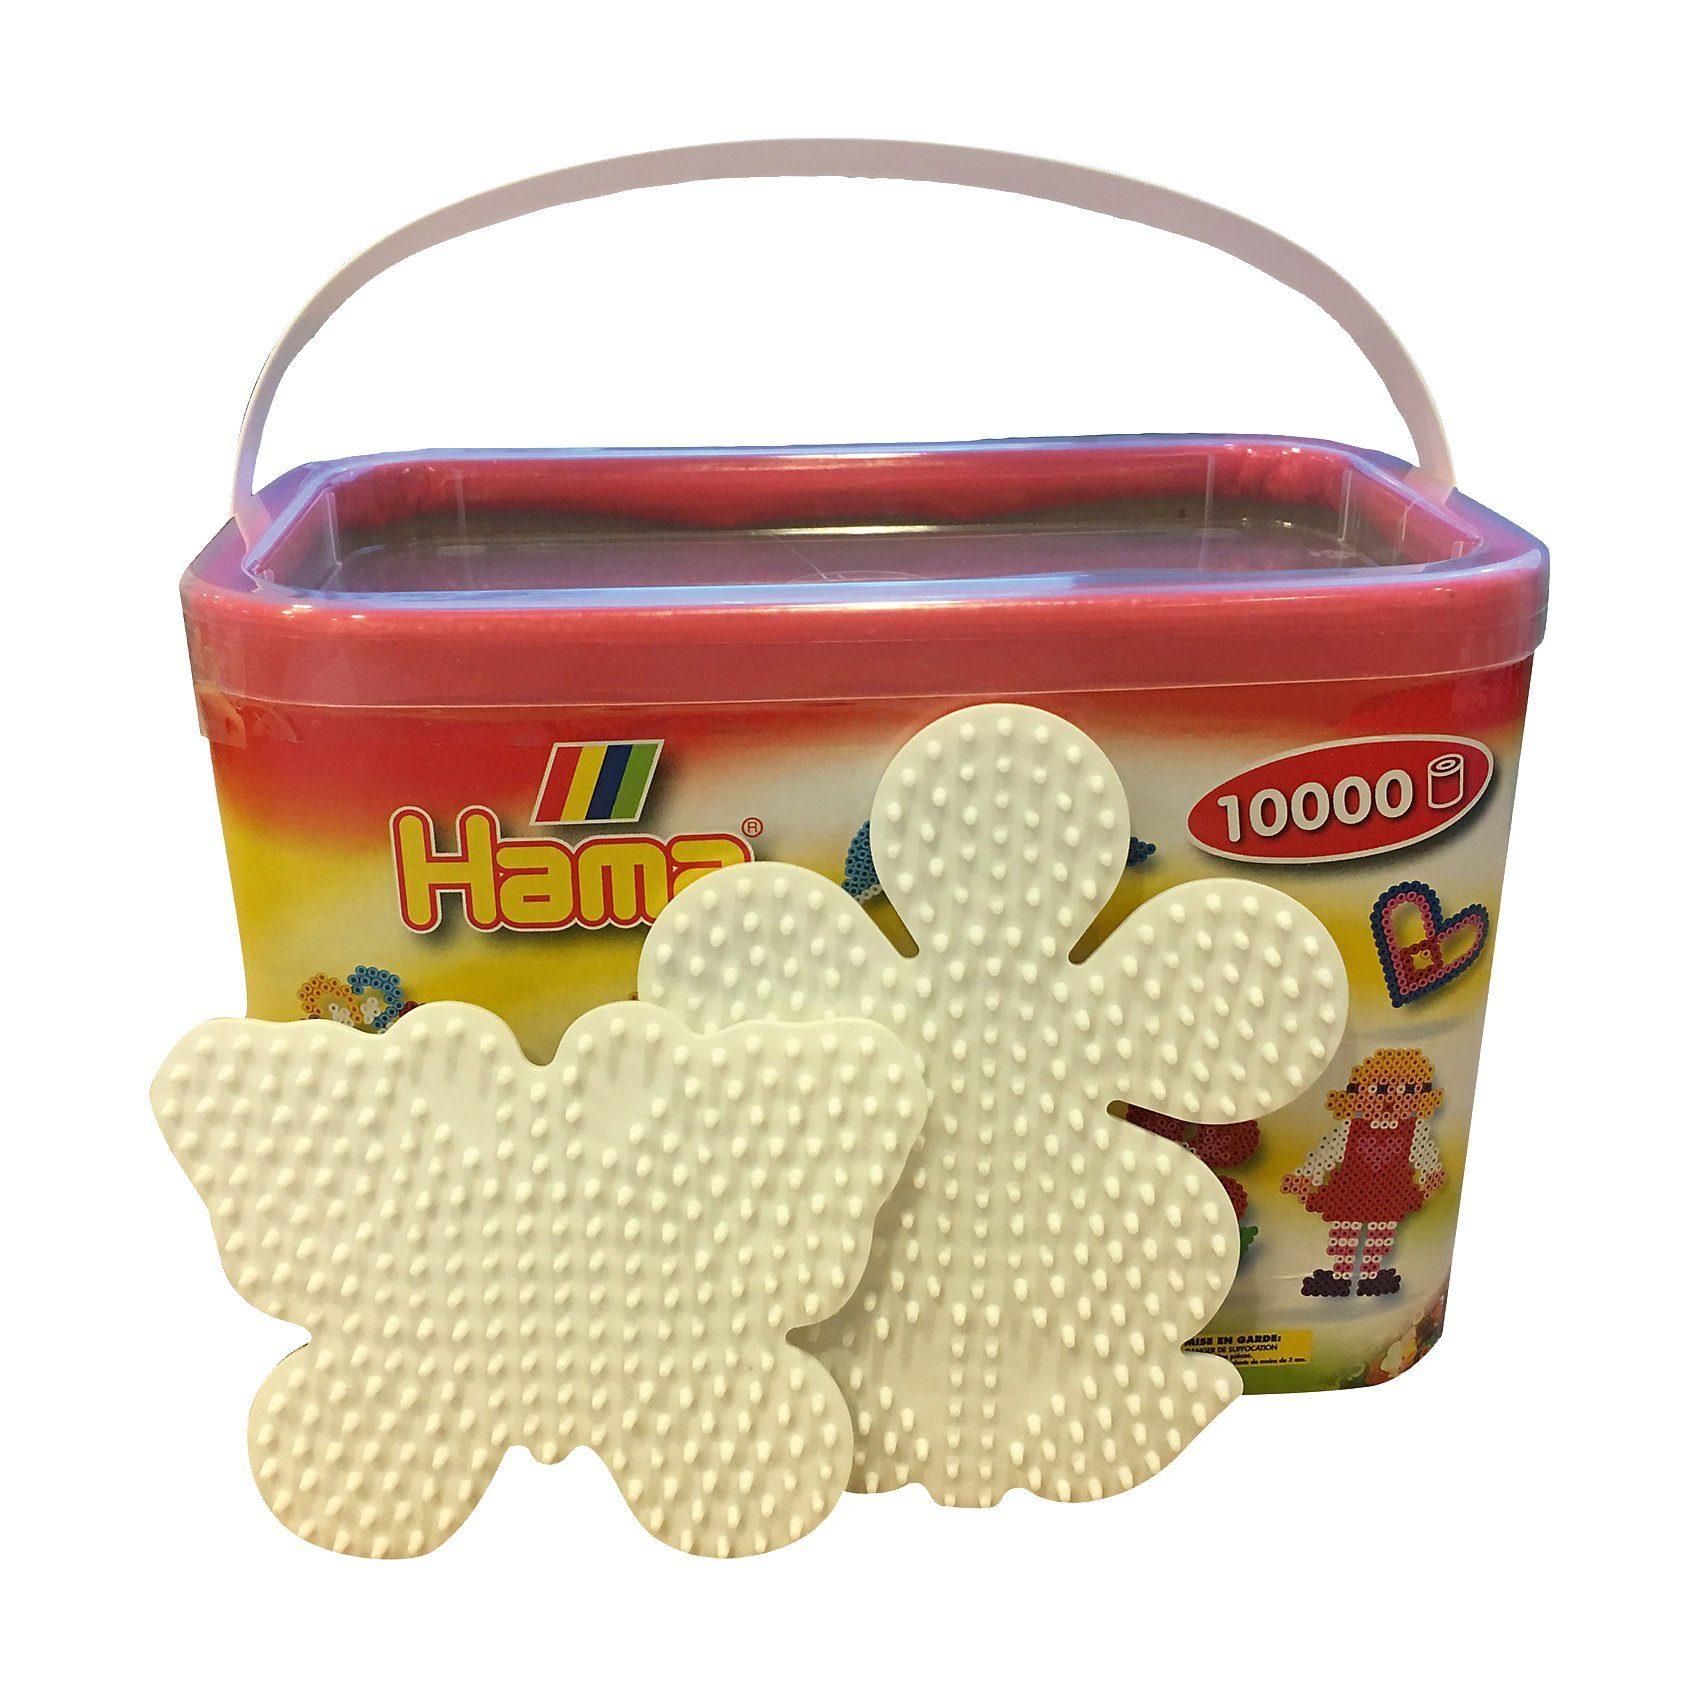 Hama Perlen Frühlingsset: Eimer mit 10.000 midi-Perlen in 22 Farben + 2